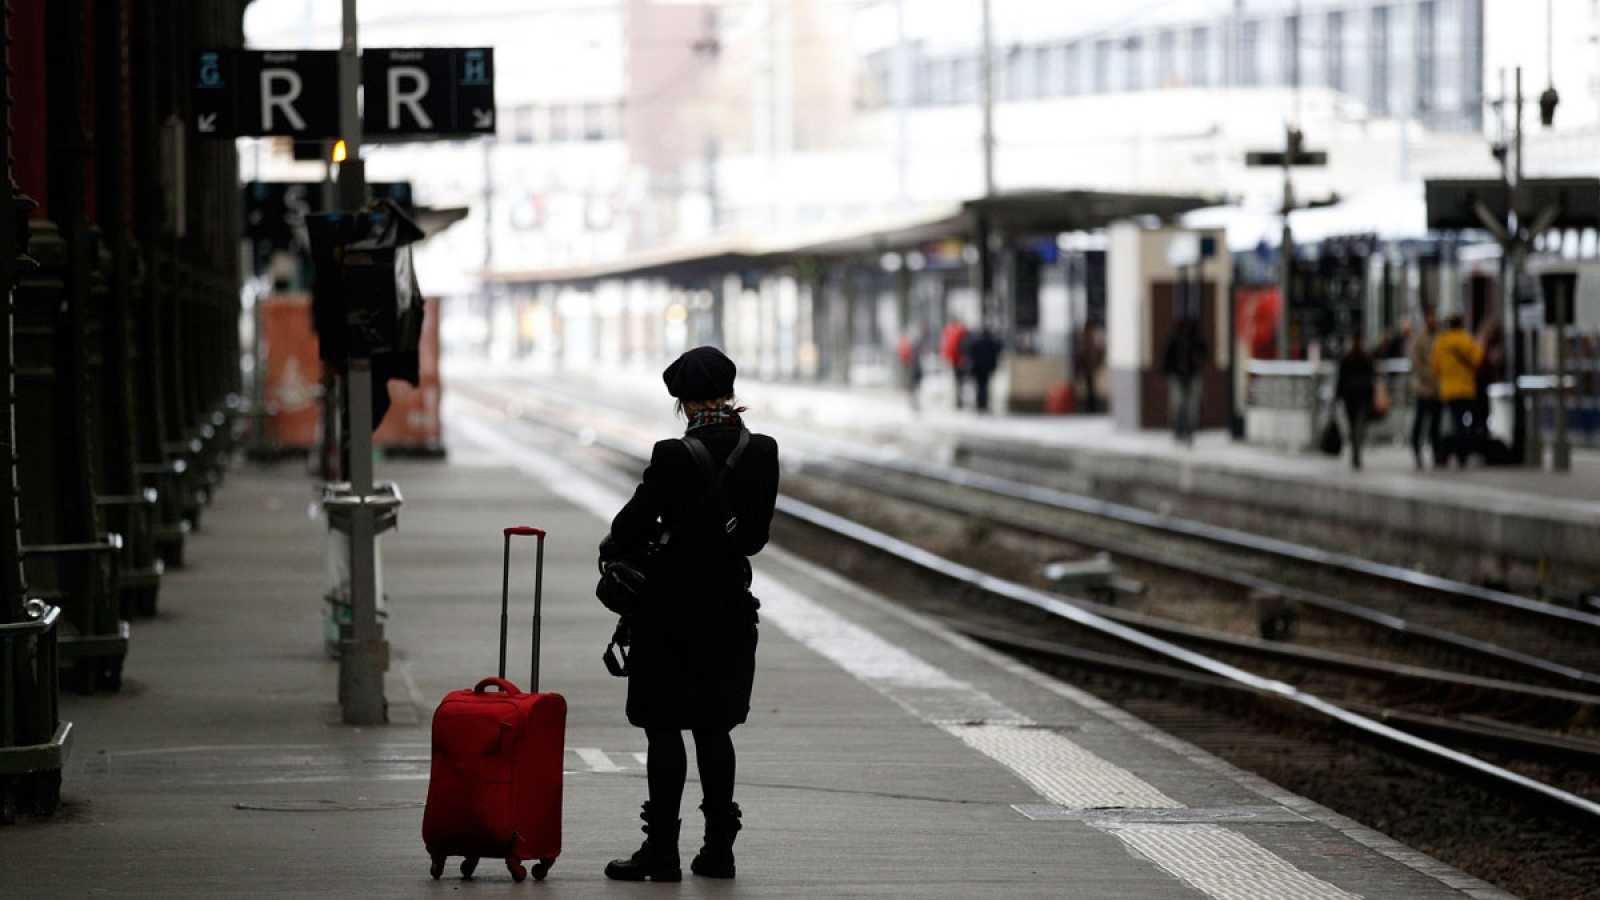 Un pasajero espera en la estación de tren Gare de Lyon, en París